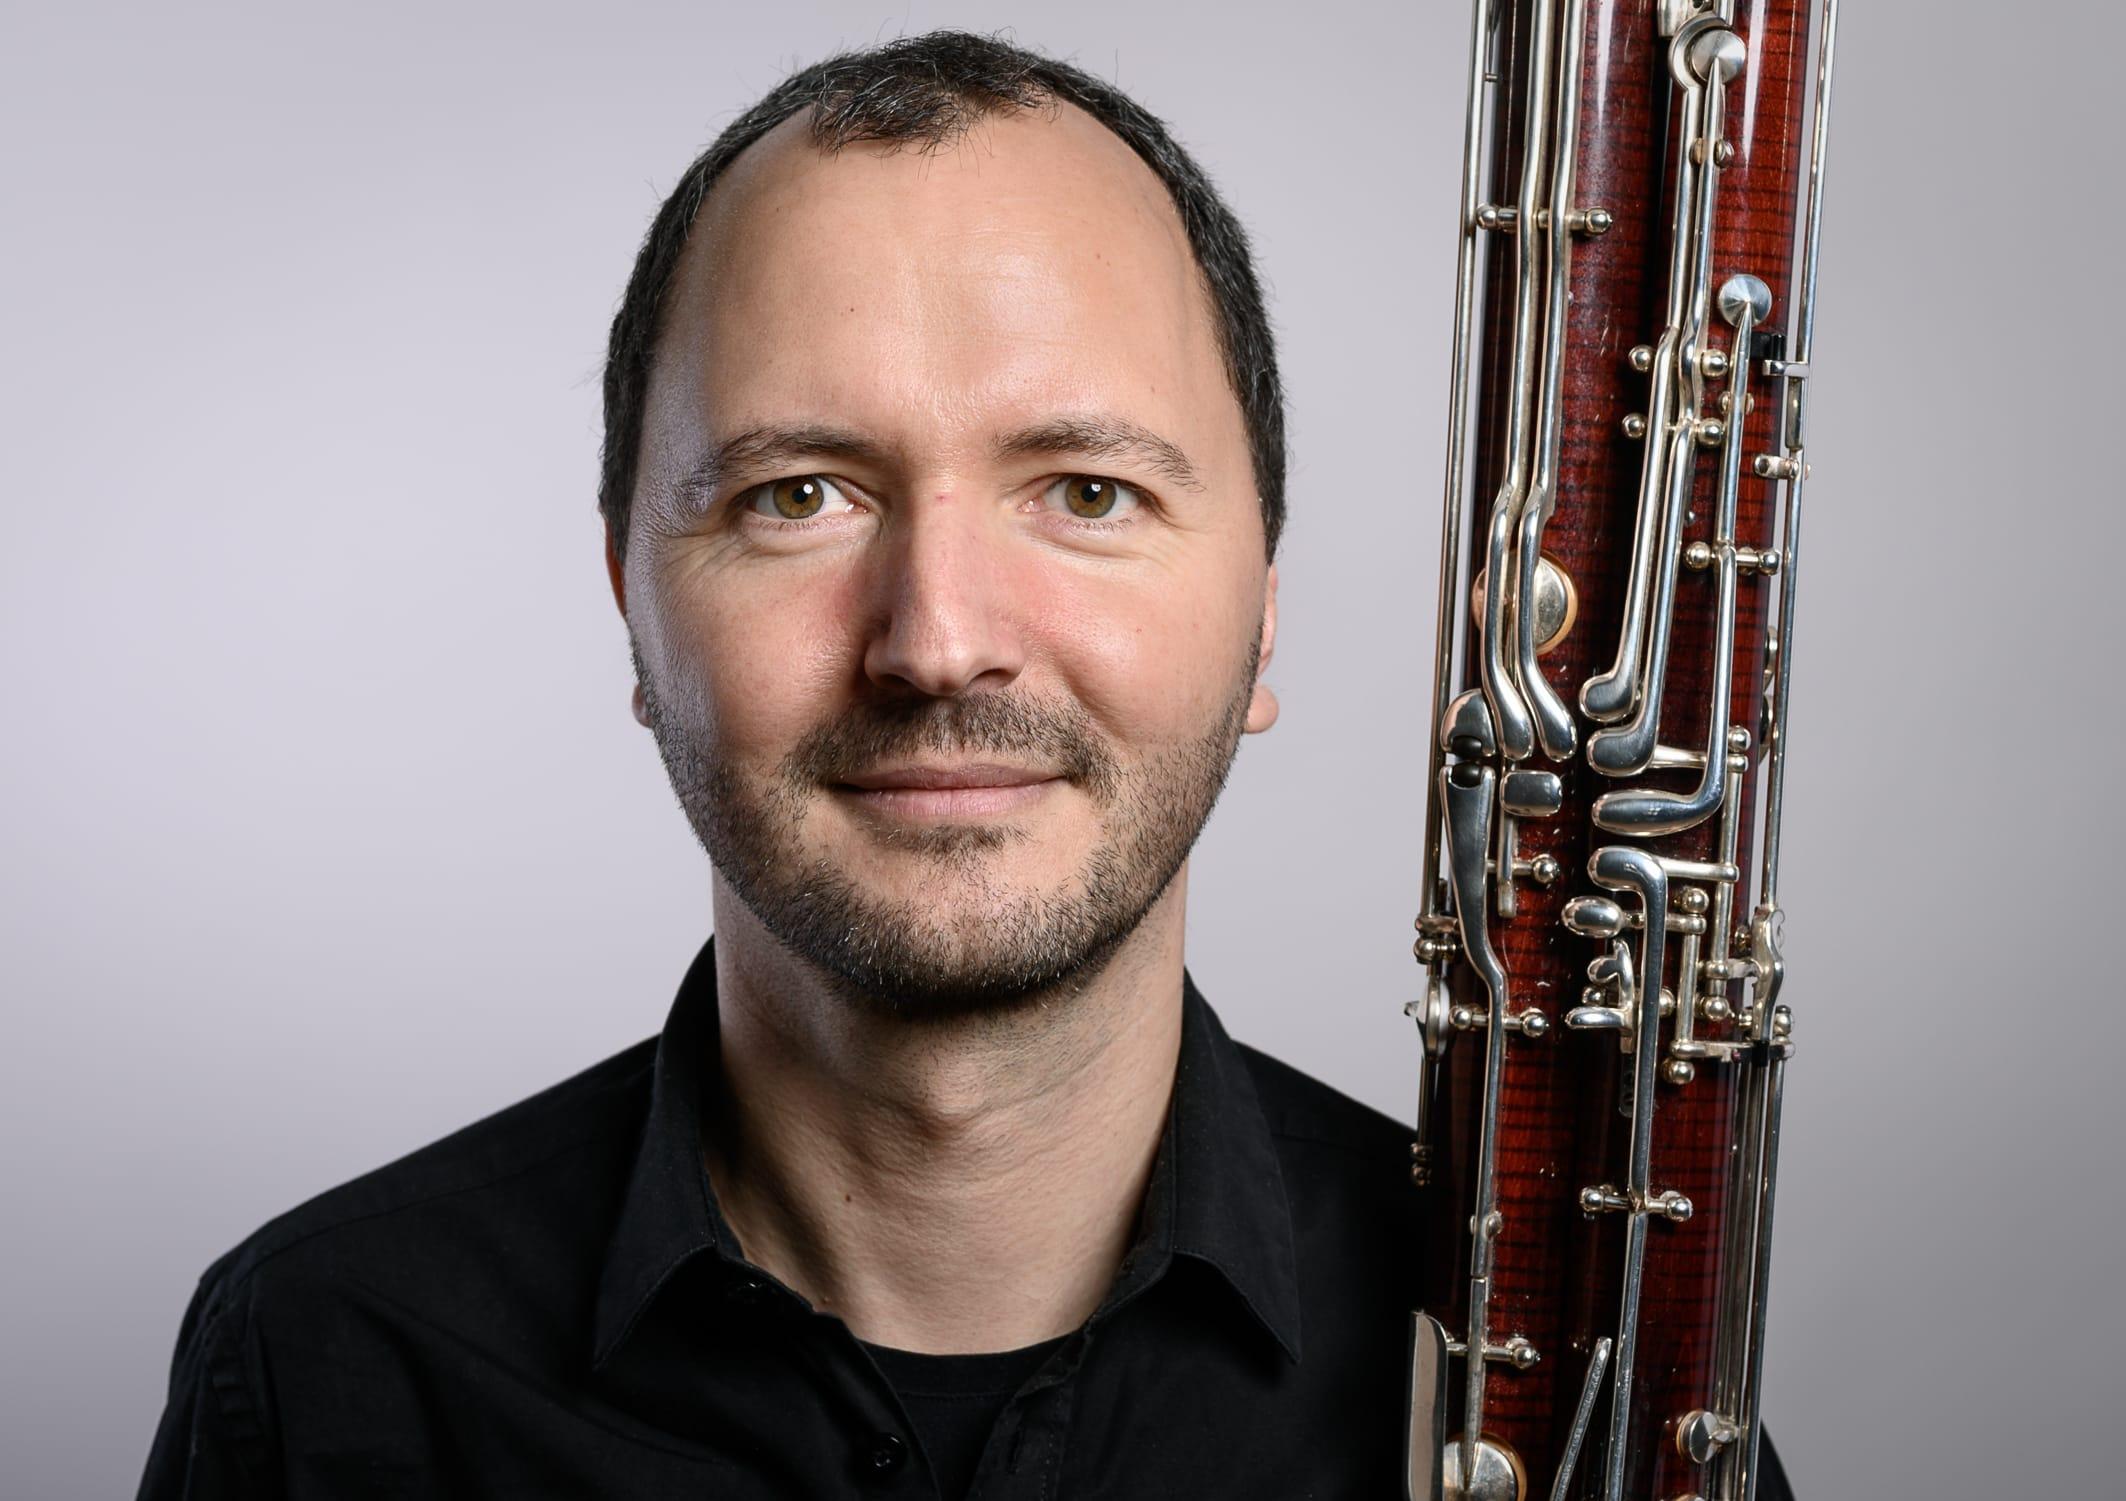 portrait Foto von Frank Bachmeier